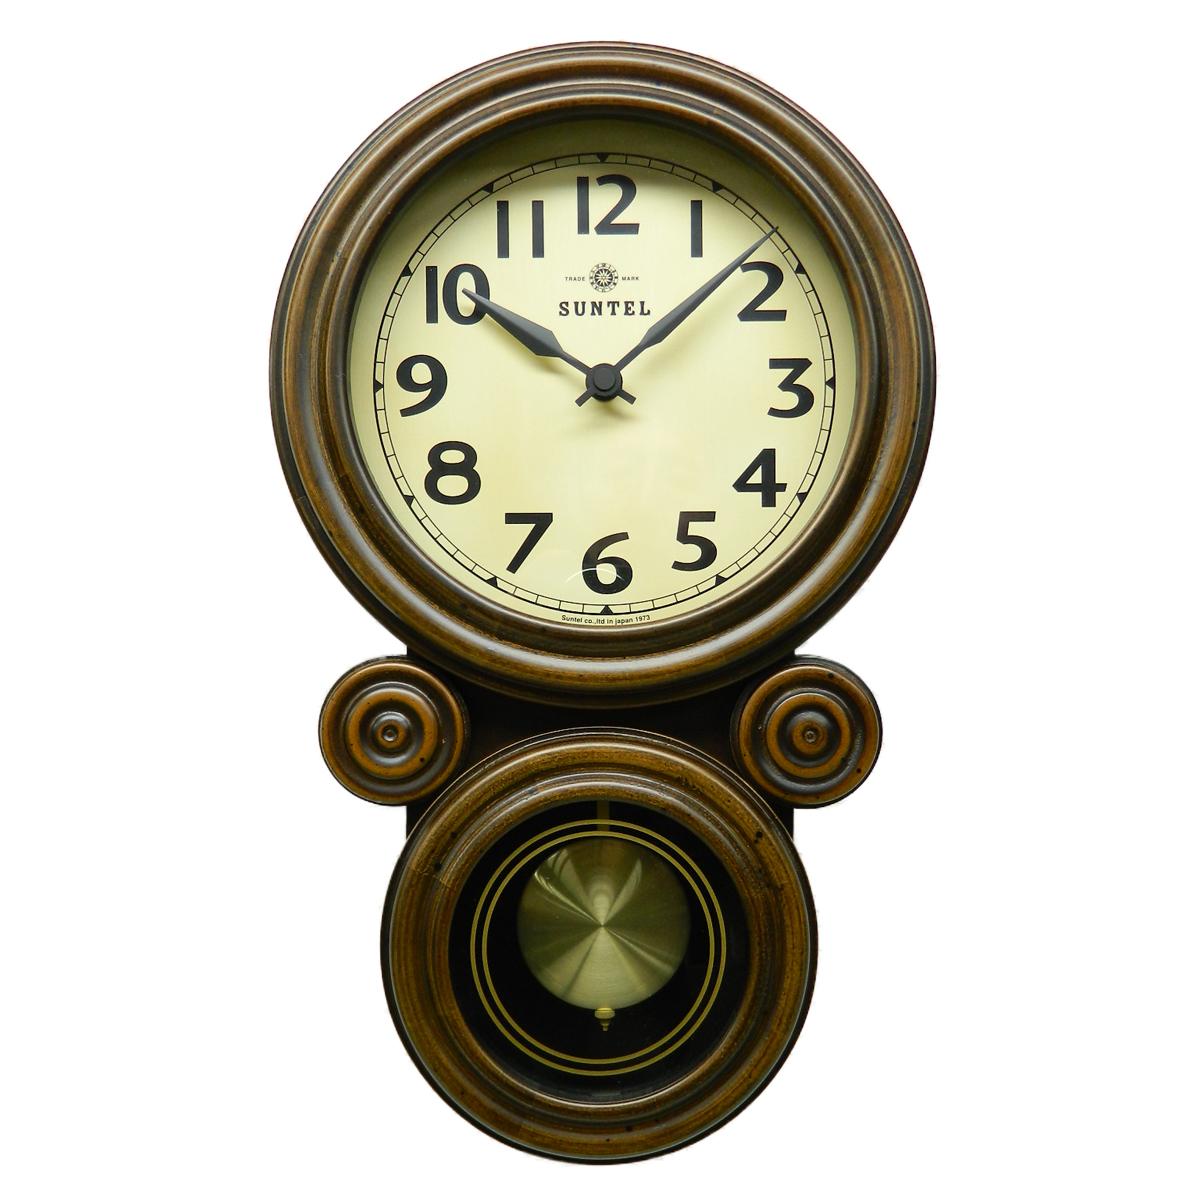 日本製 さんてる ミニだるま 電波振り子時計